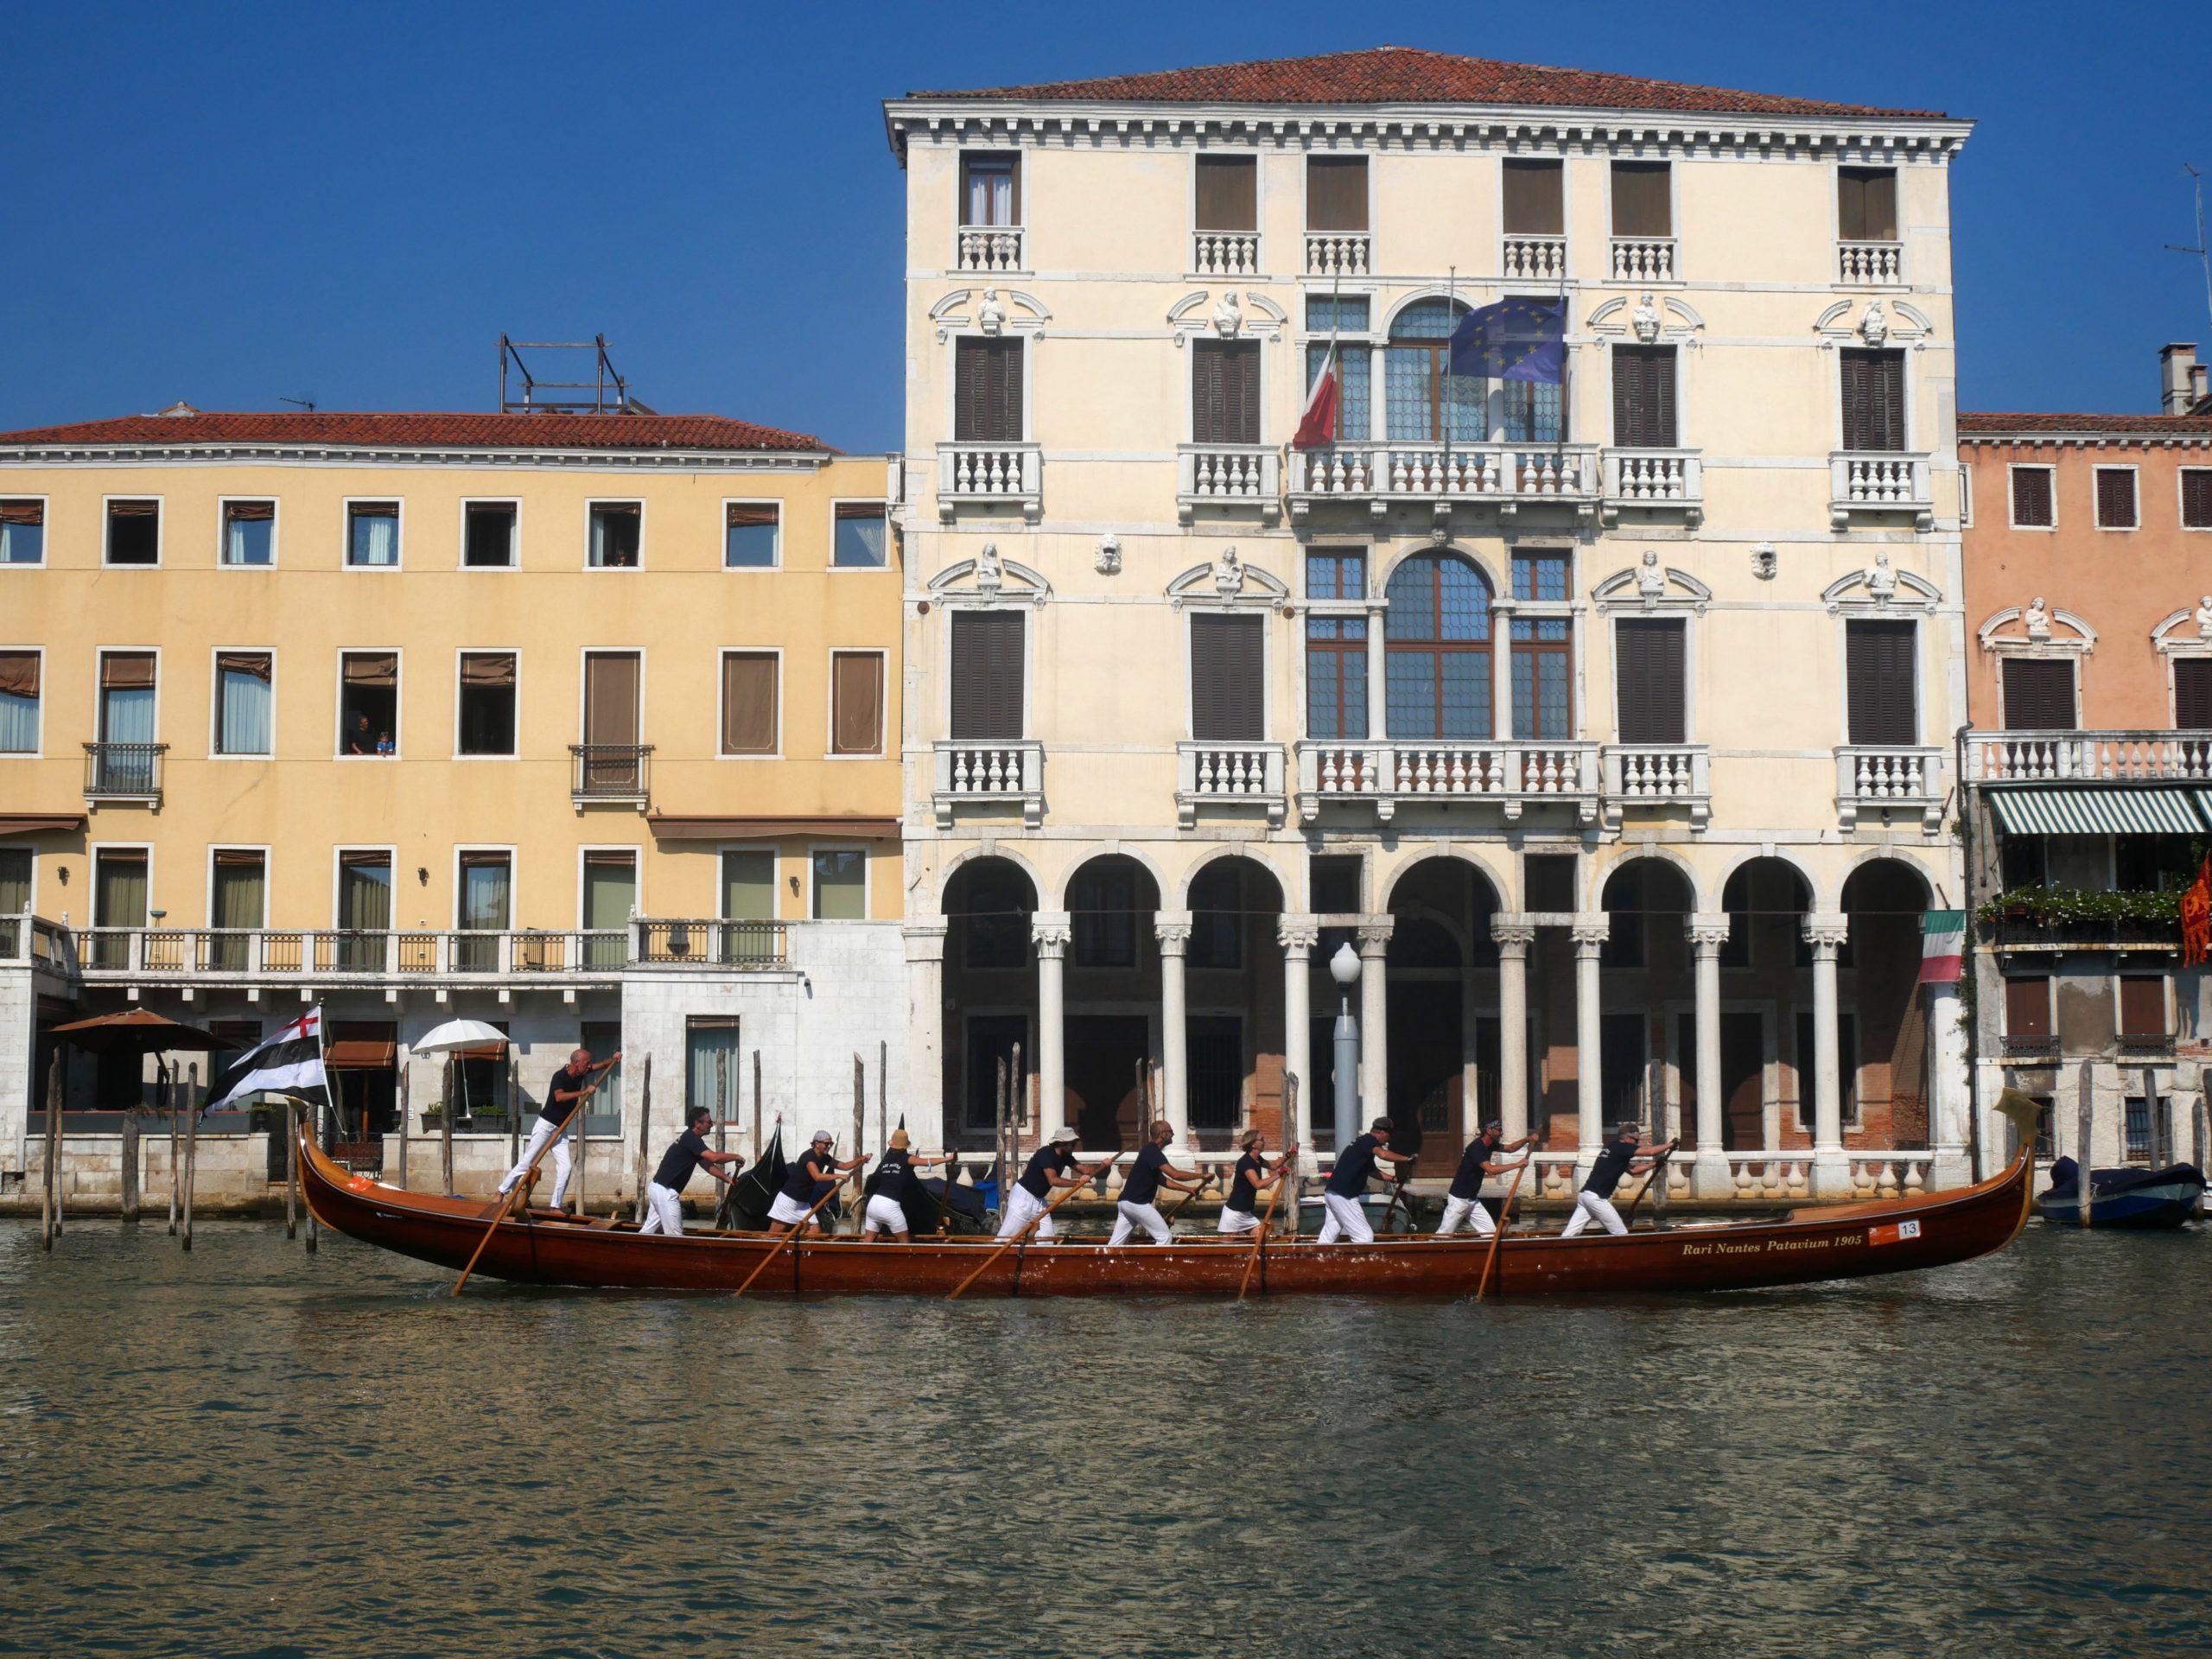 bateau 3 regata storica